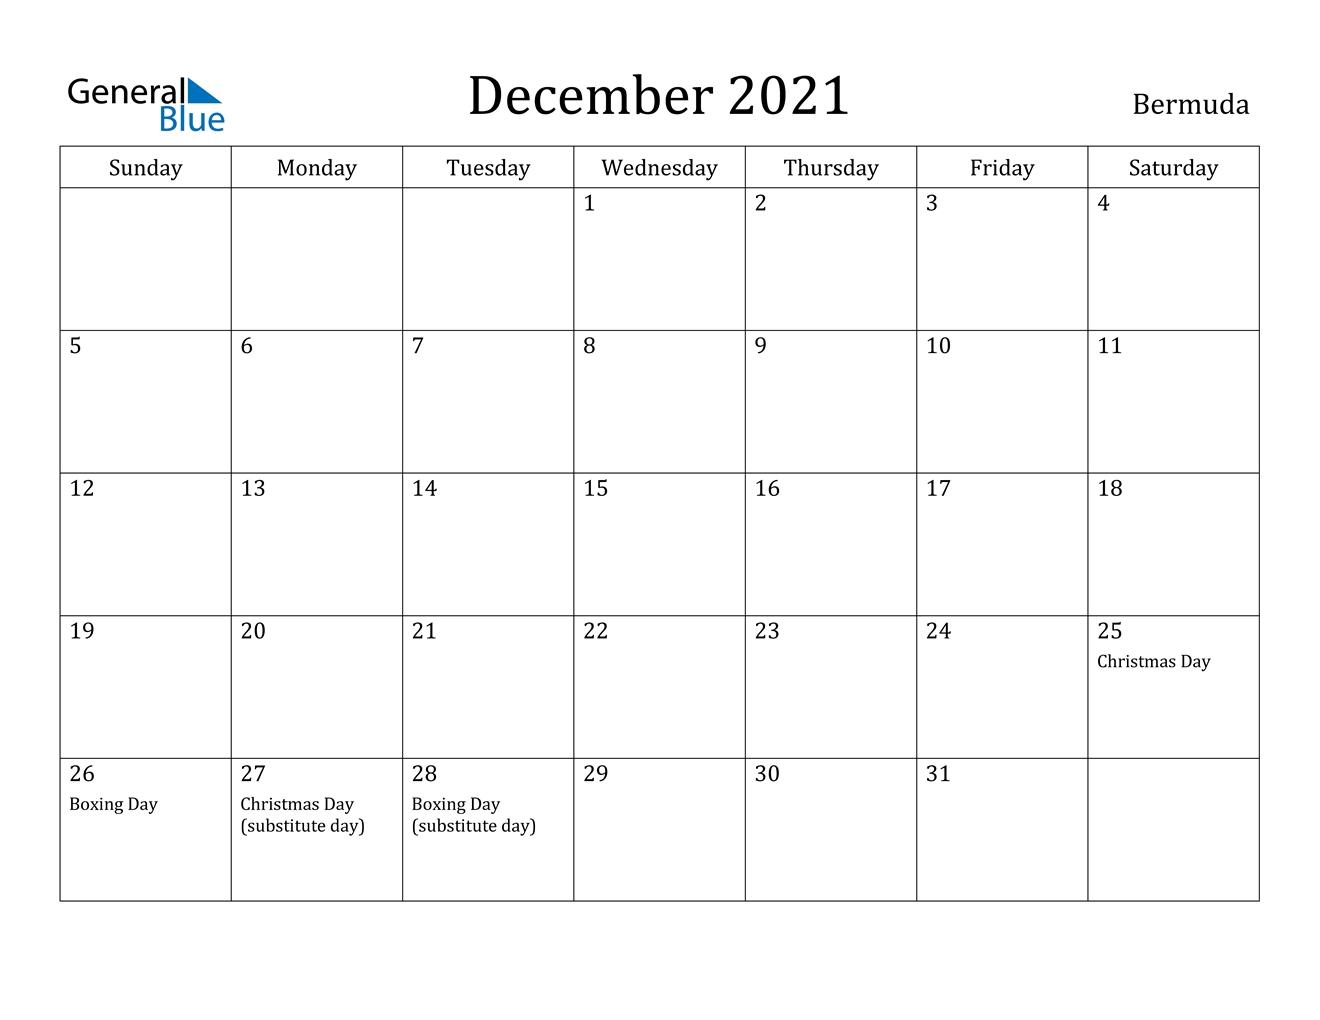 December 2021 Calendar - Bermuda Editable December 2021 Calendar